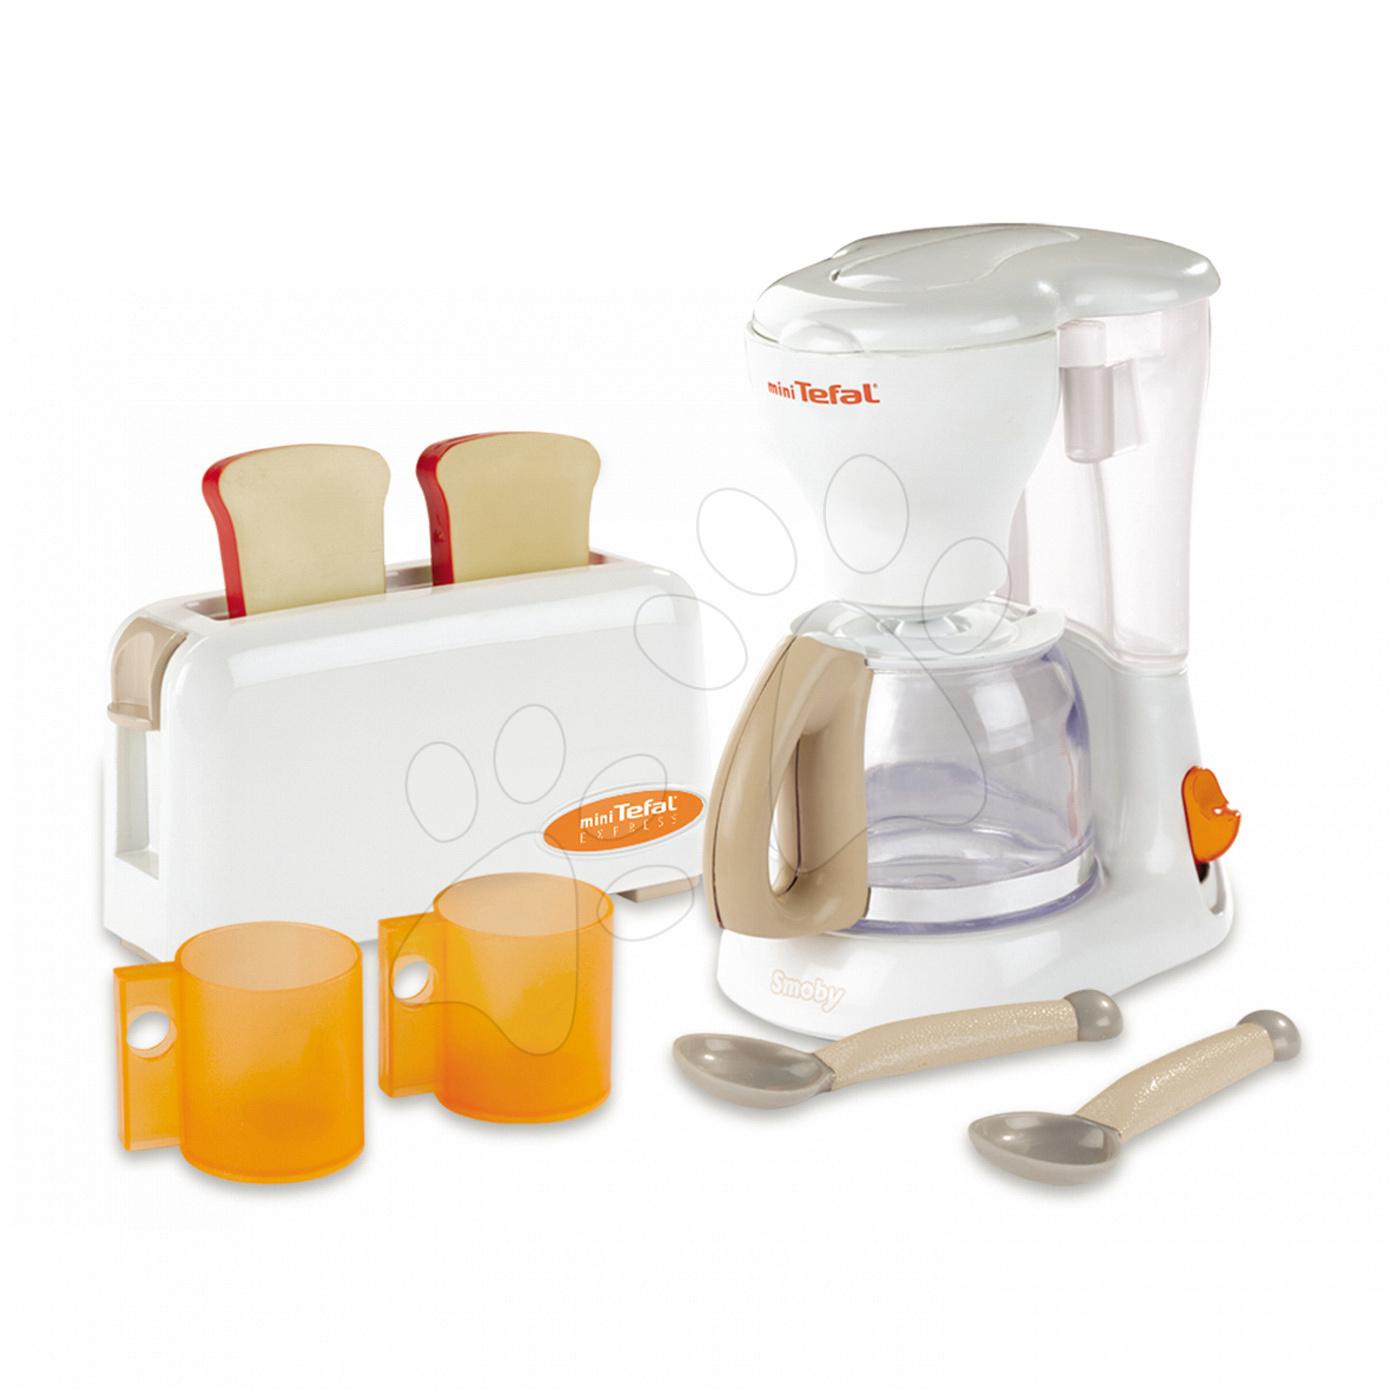 Spotrebiče do kuchynky - Raňajková sada s kávovarom a toasterom Mini Tefal Smoby s 8 doplnkami biely